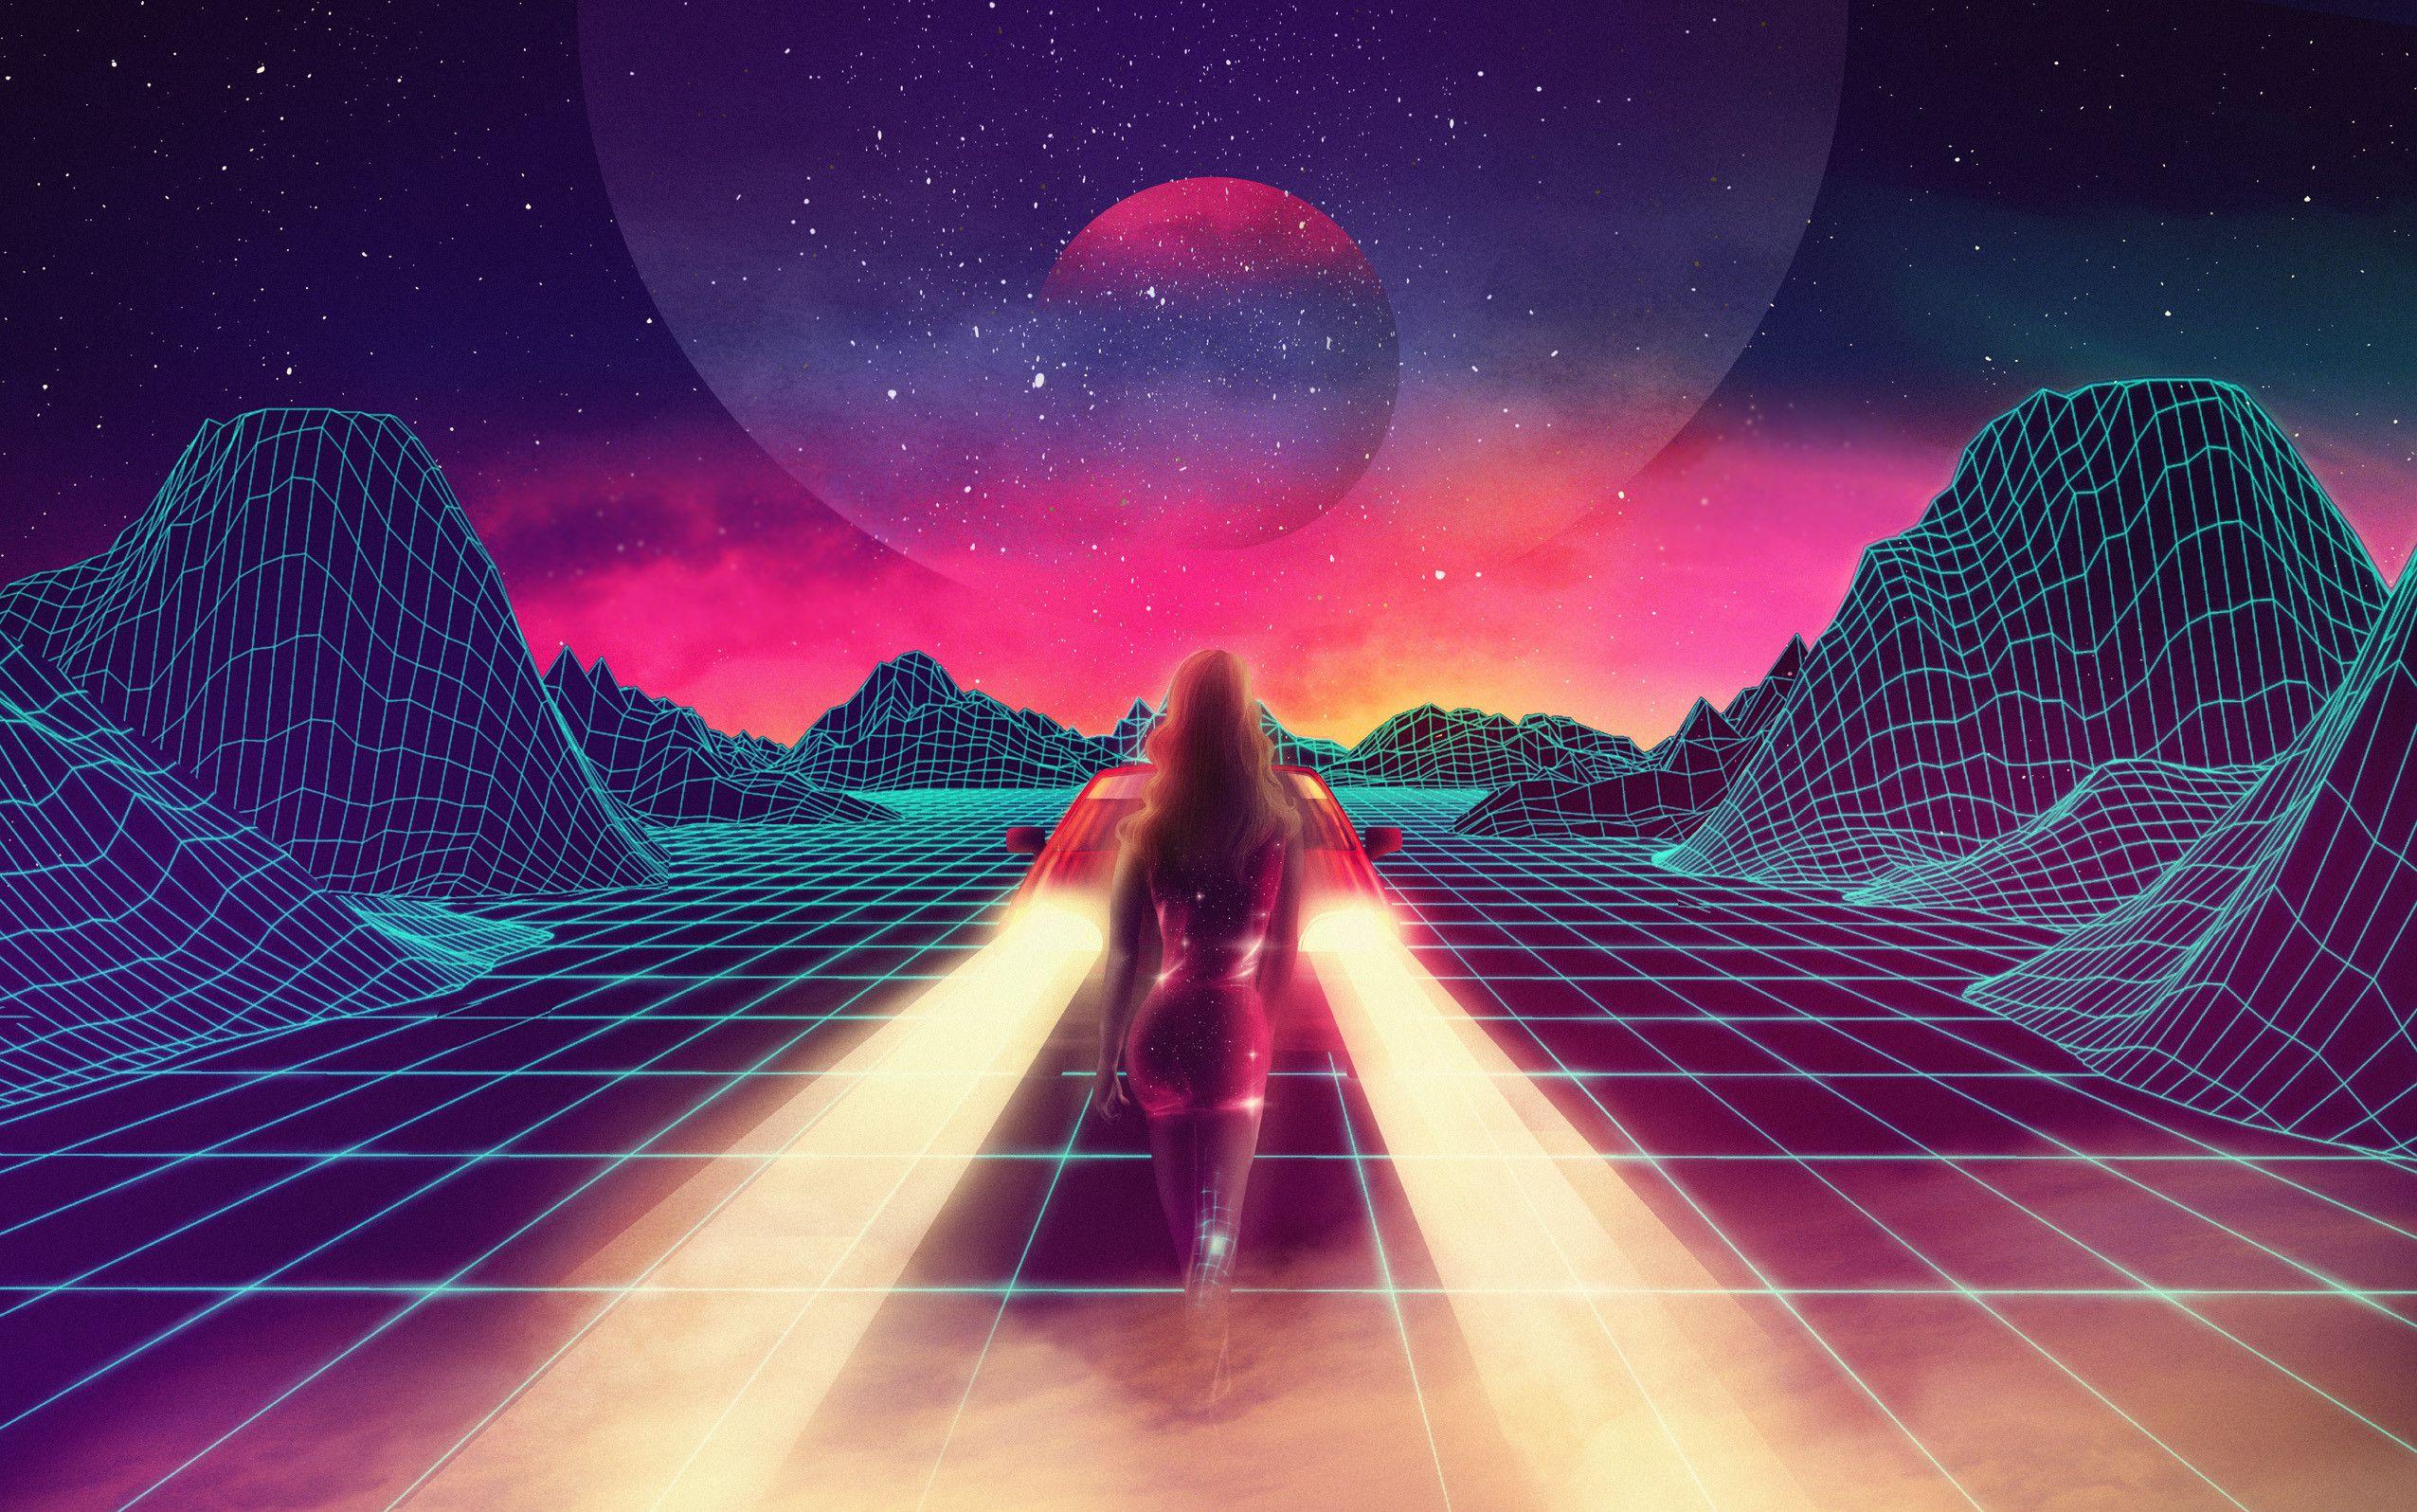 80s Neon In 2018